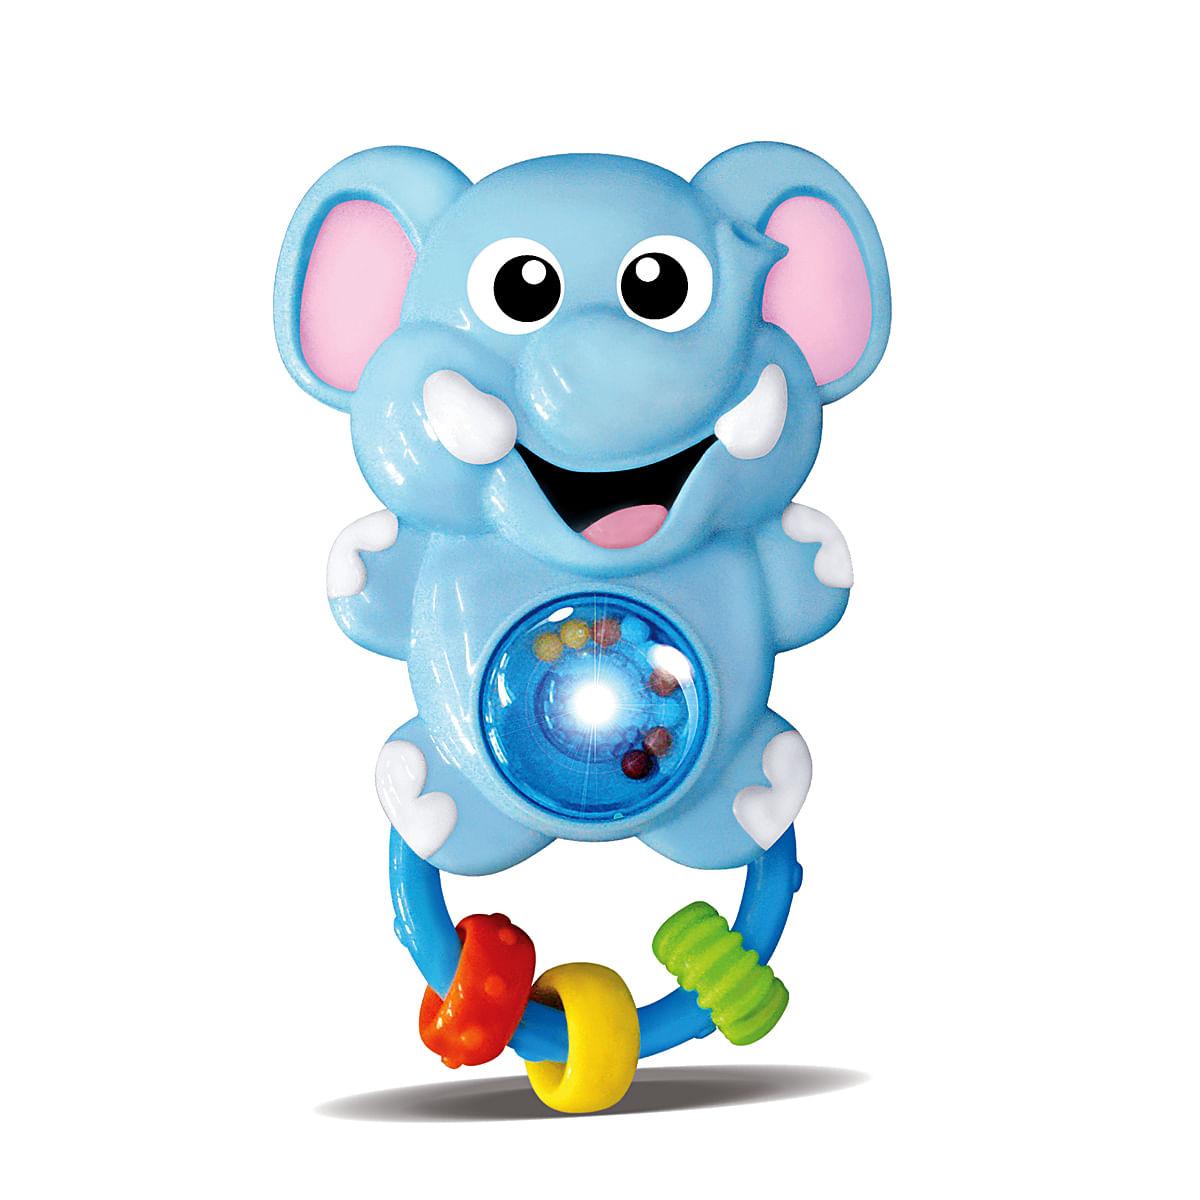 Chocalho par bebê 6 meses musical luzes e som elefantinho azul Zoop